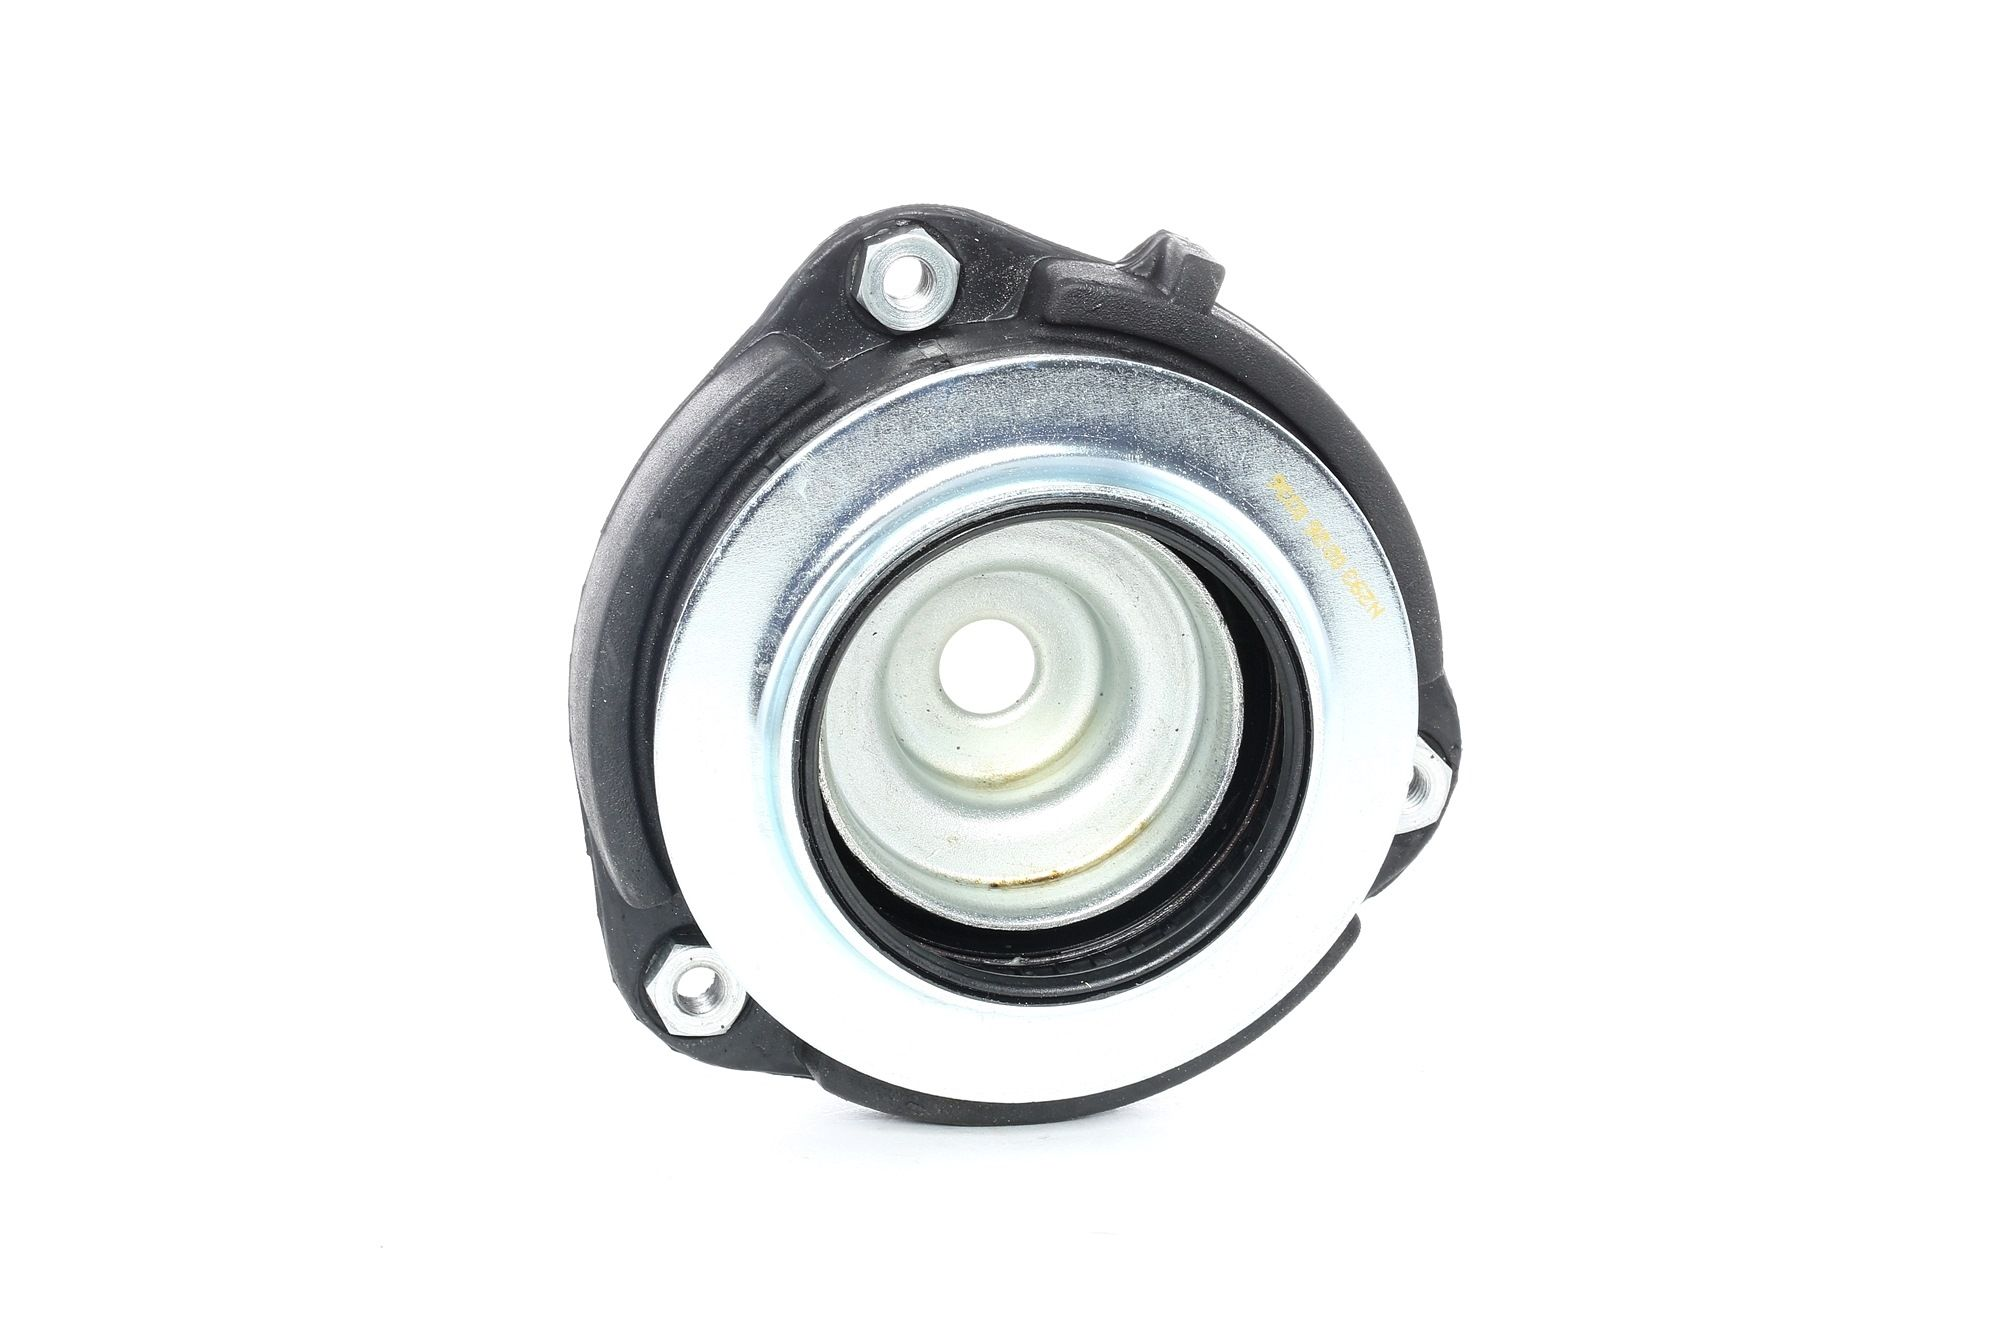 Acheter Kit de réparation coupelle de suspension MONROE MK194 à tout moment